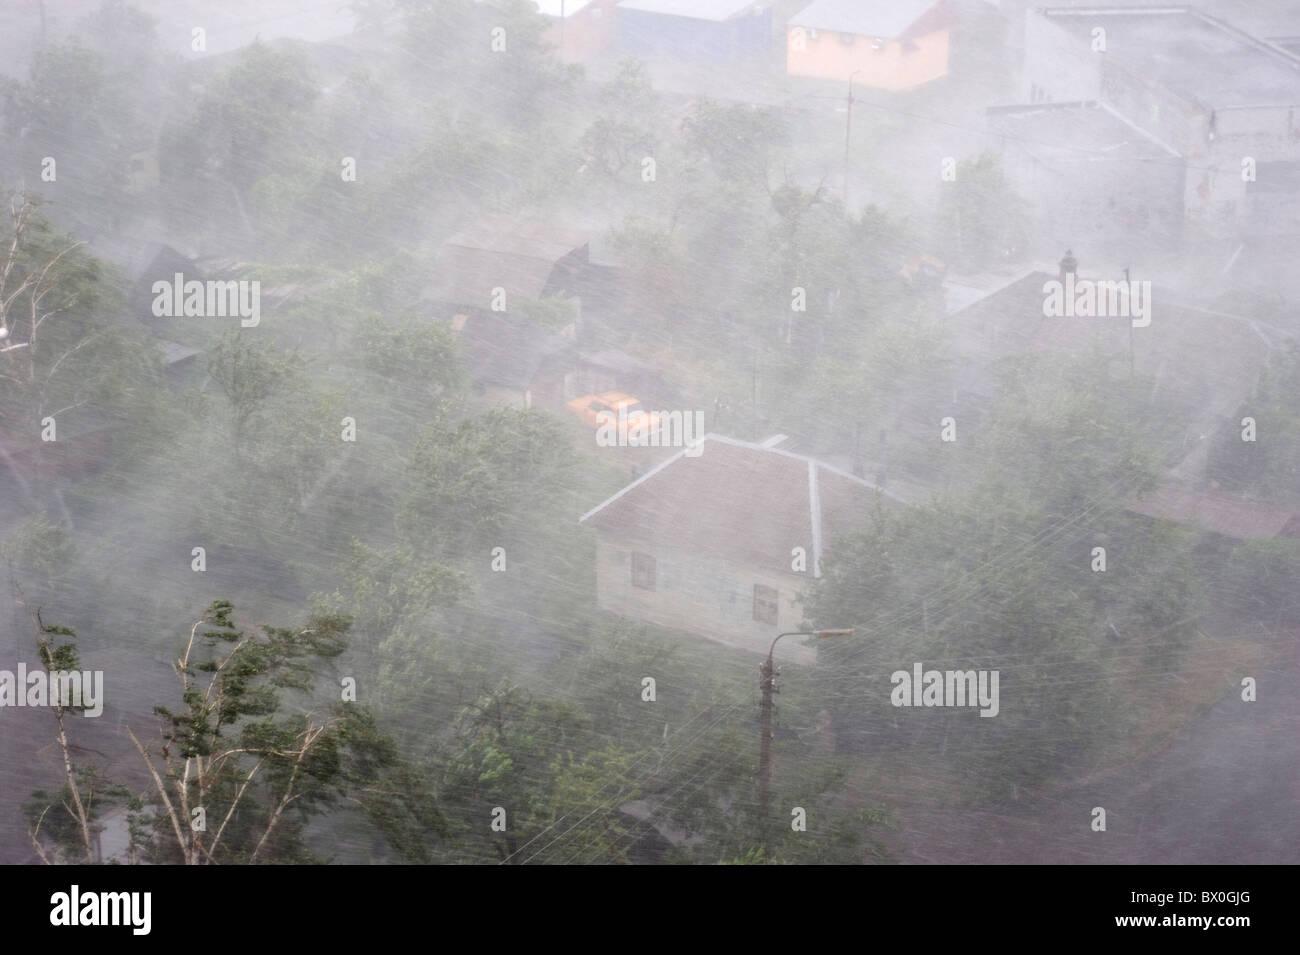 Fuerte tormenta en la ciudad. Vista aérea Imagen De Stock